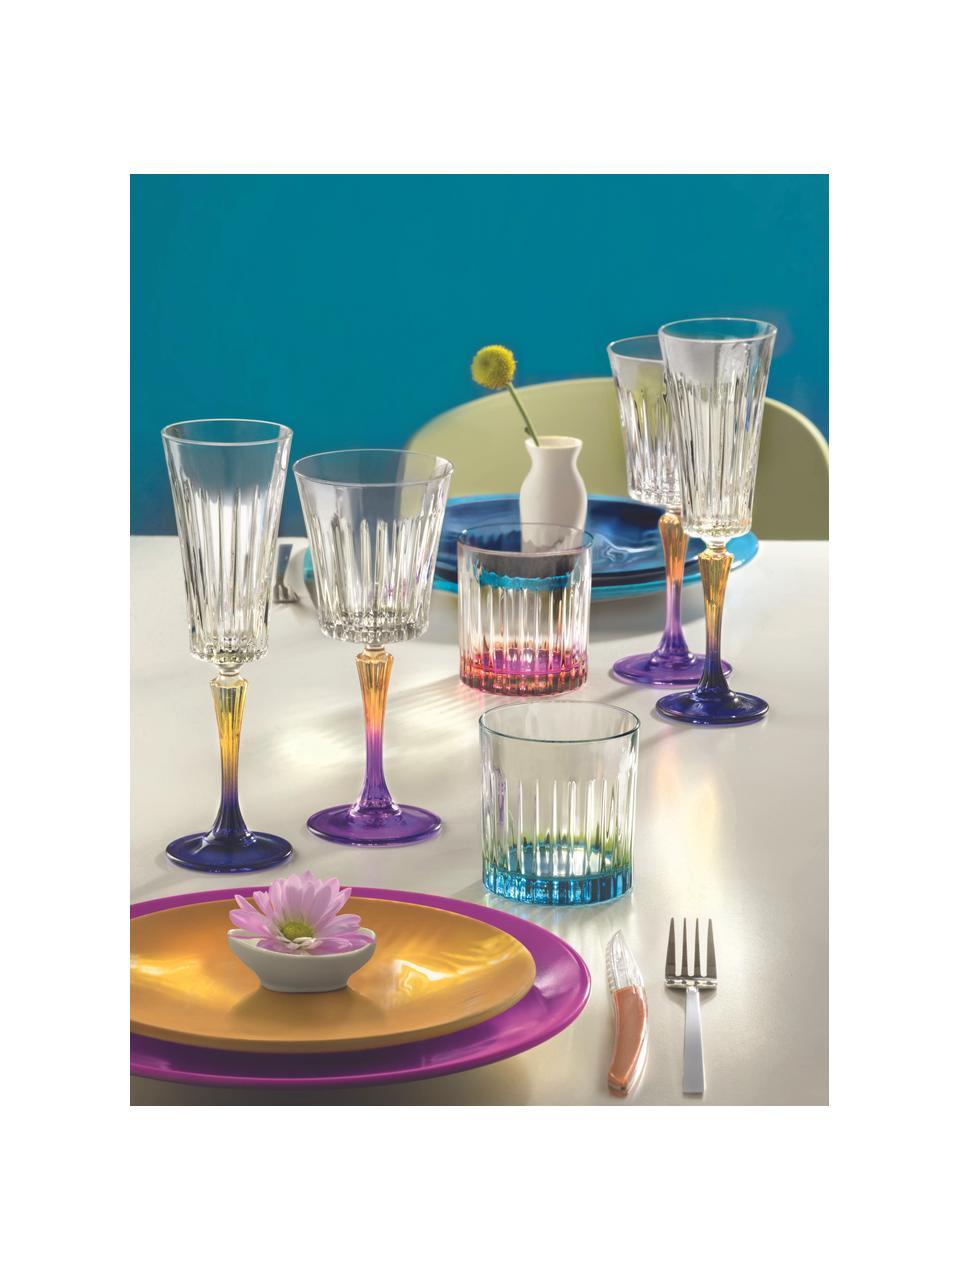 Kristall-Weißweingläser Gipsy mit zweifarbigem Stiel, 6 Stück, Luxion-Kristallglas, Transparent, Orange, Lila, Ø 9 x H 21 cm